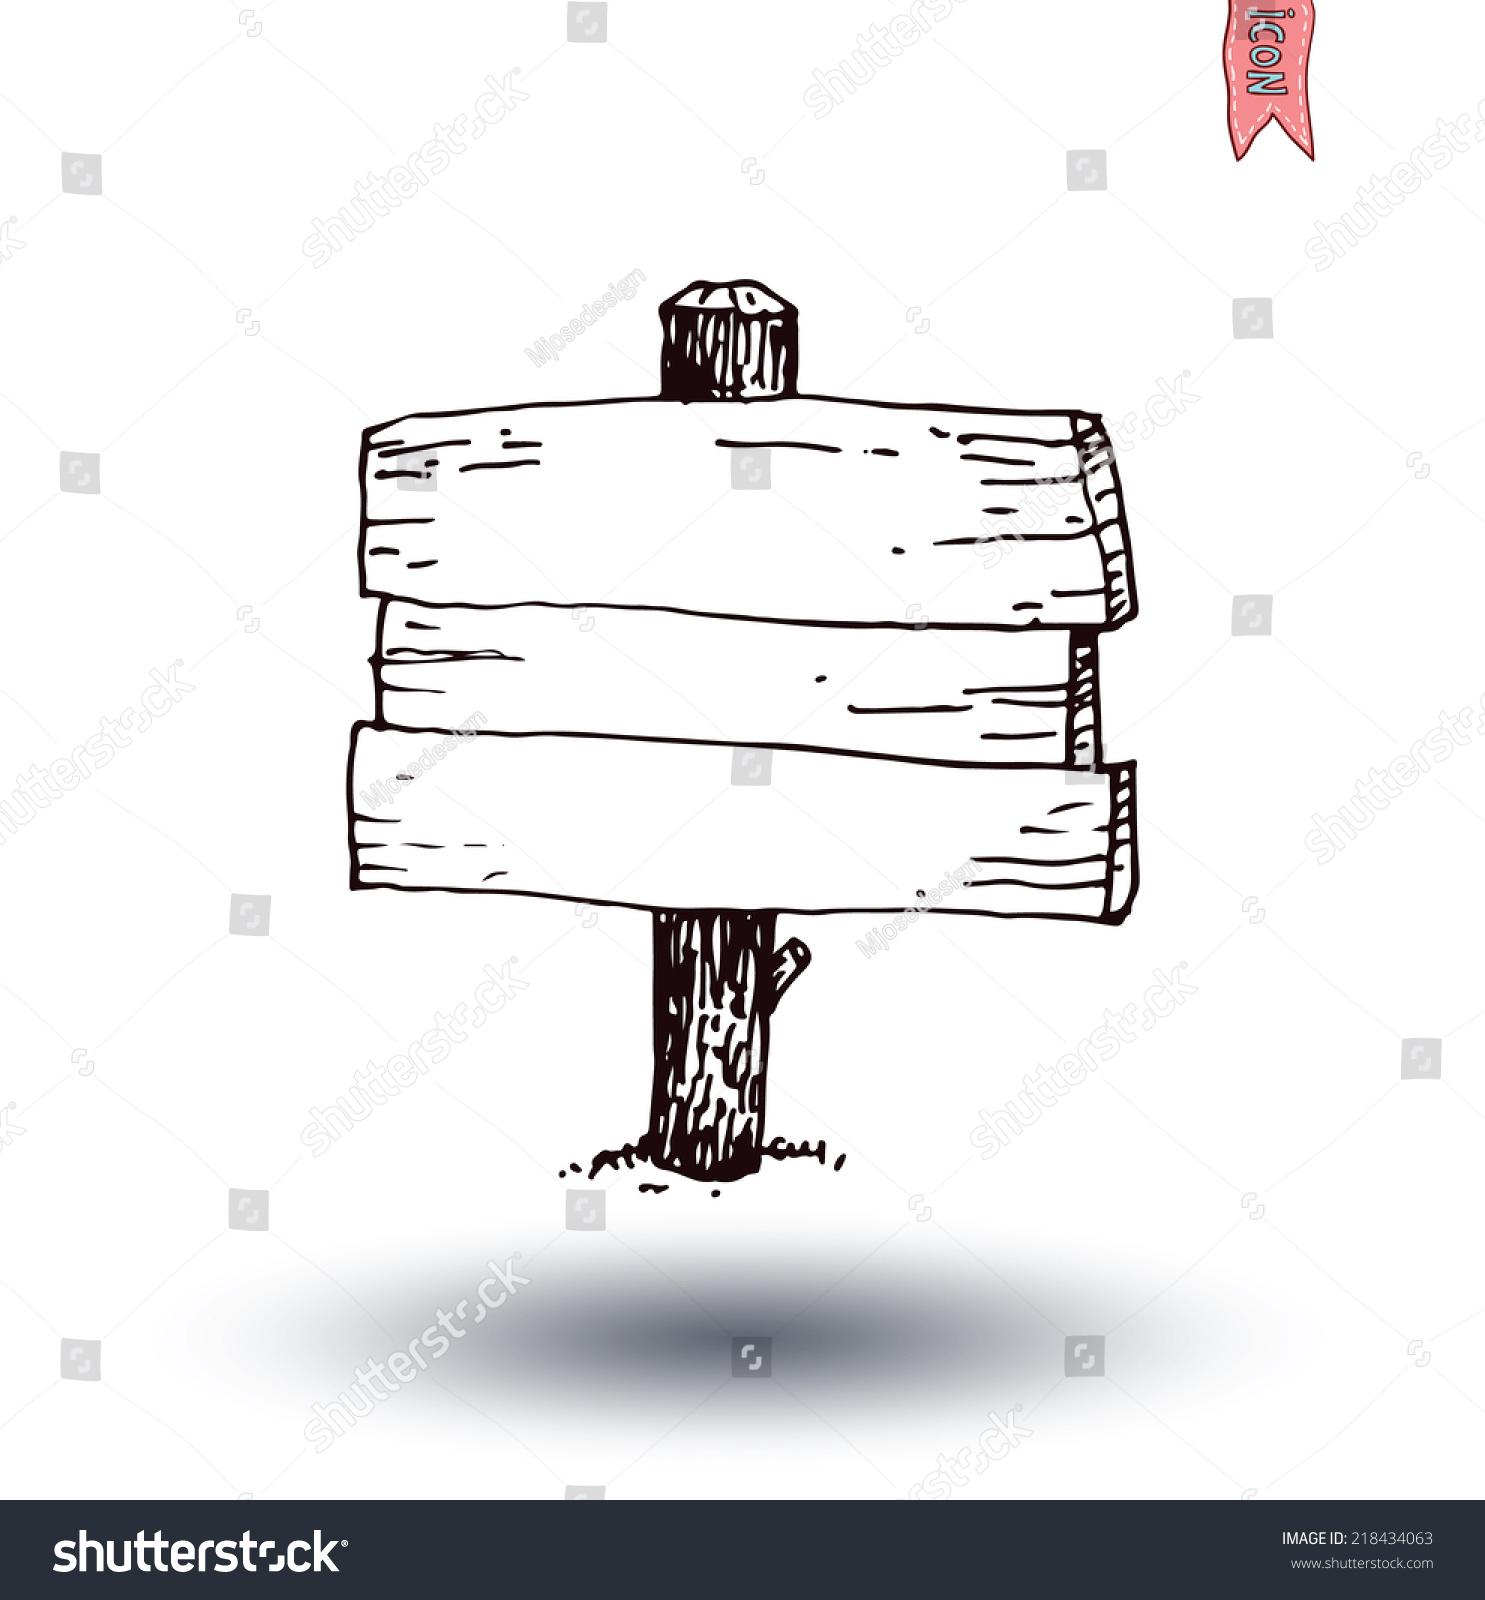 手绘木制的路标.矢量插图